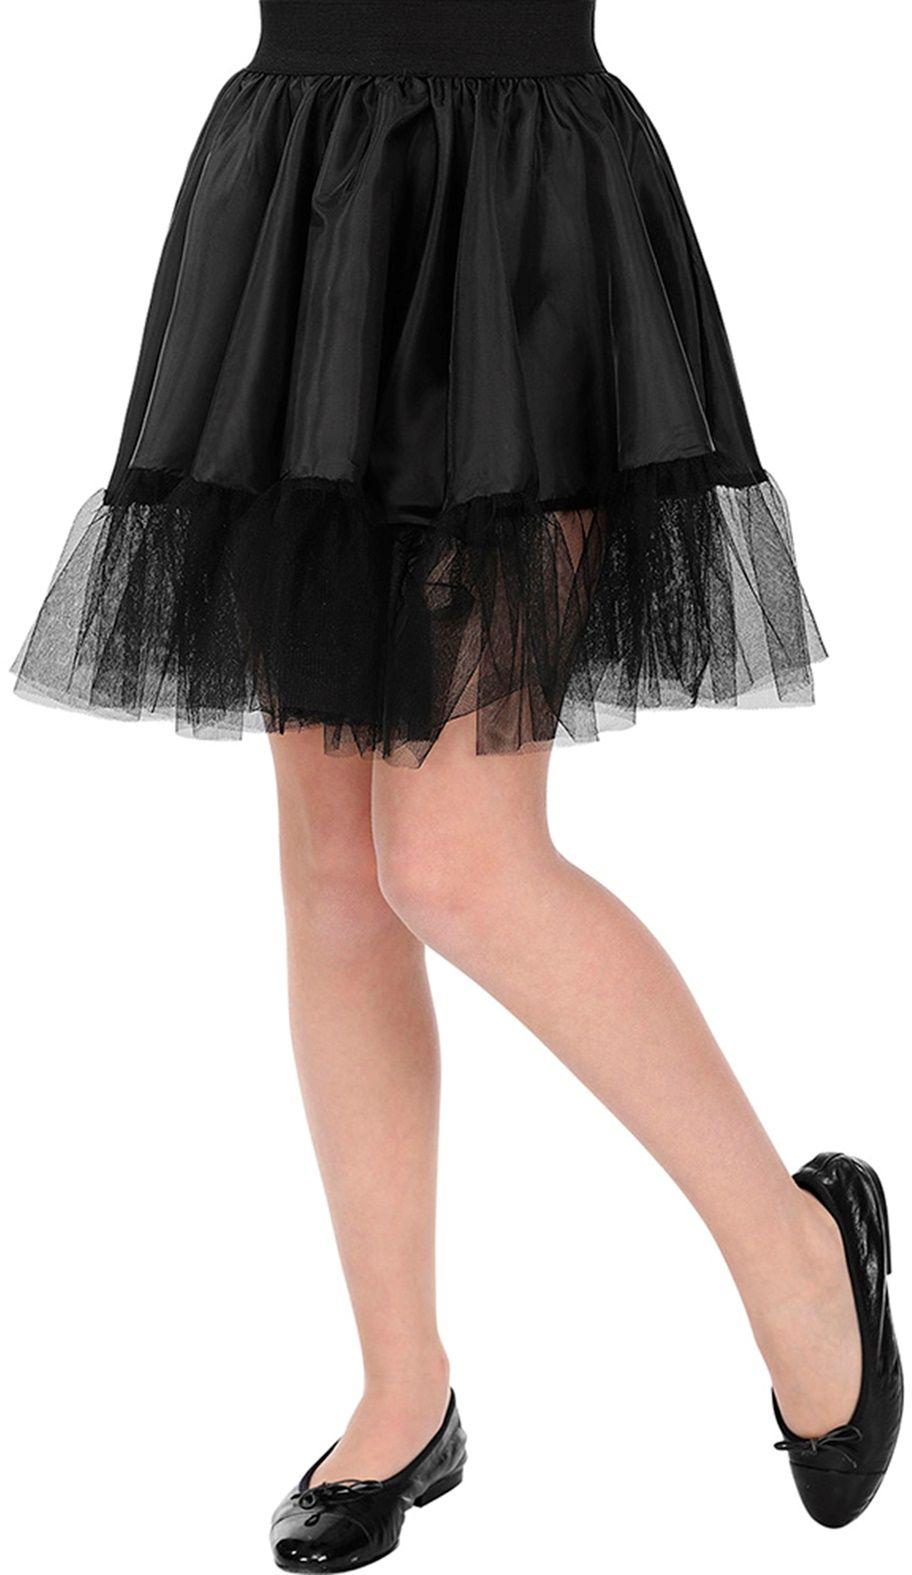 Zwarte petticoat rok meisjes